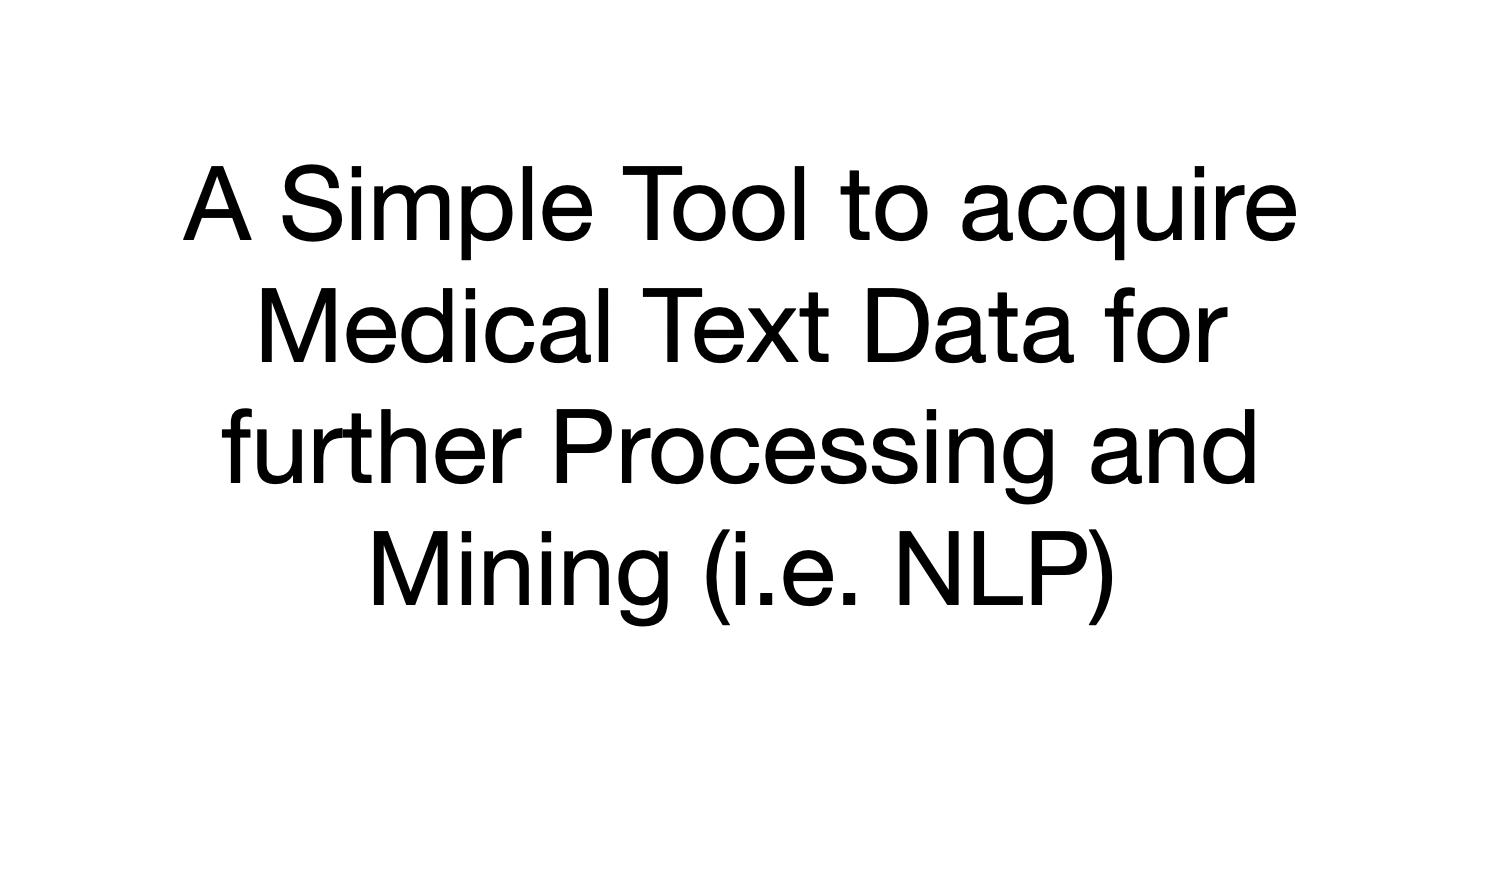 PubMed Web Scraper